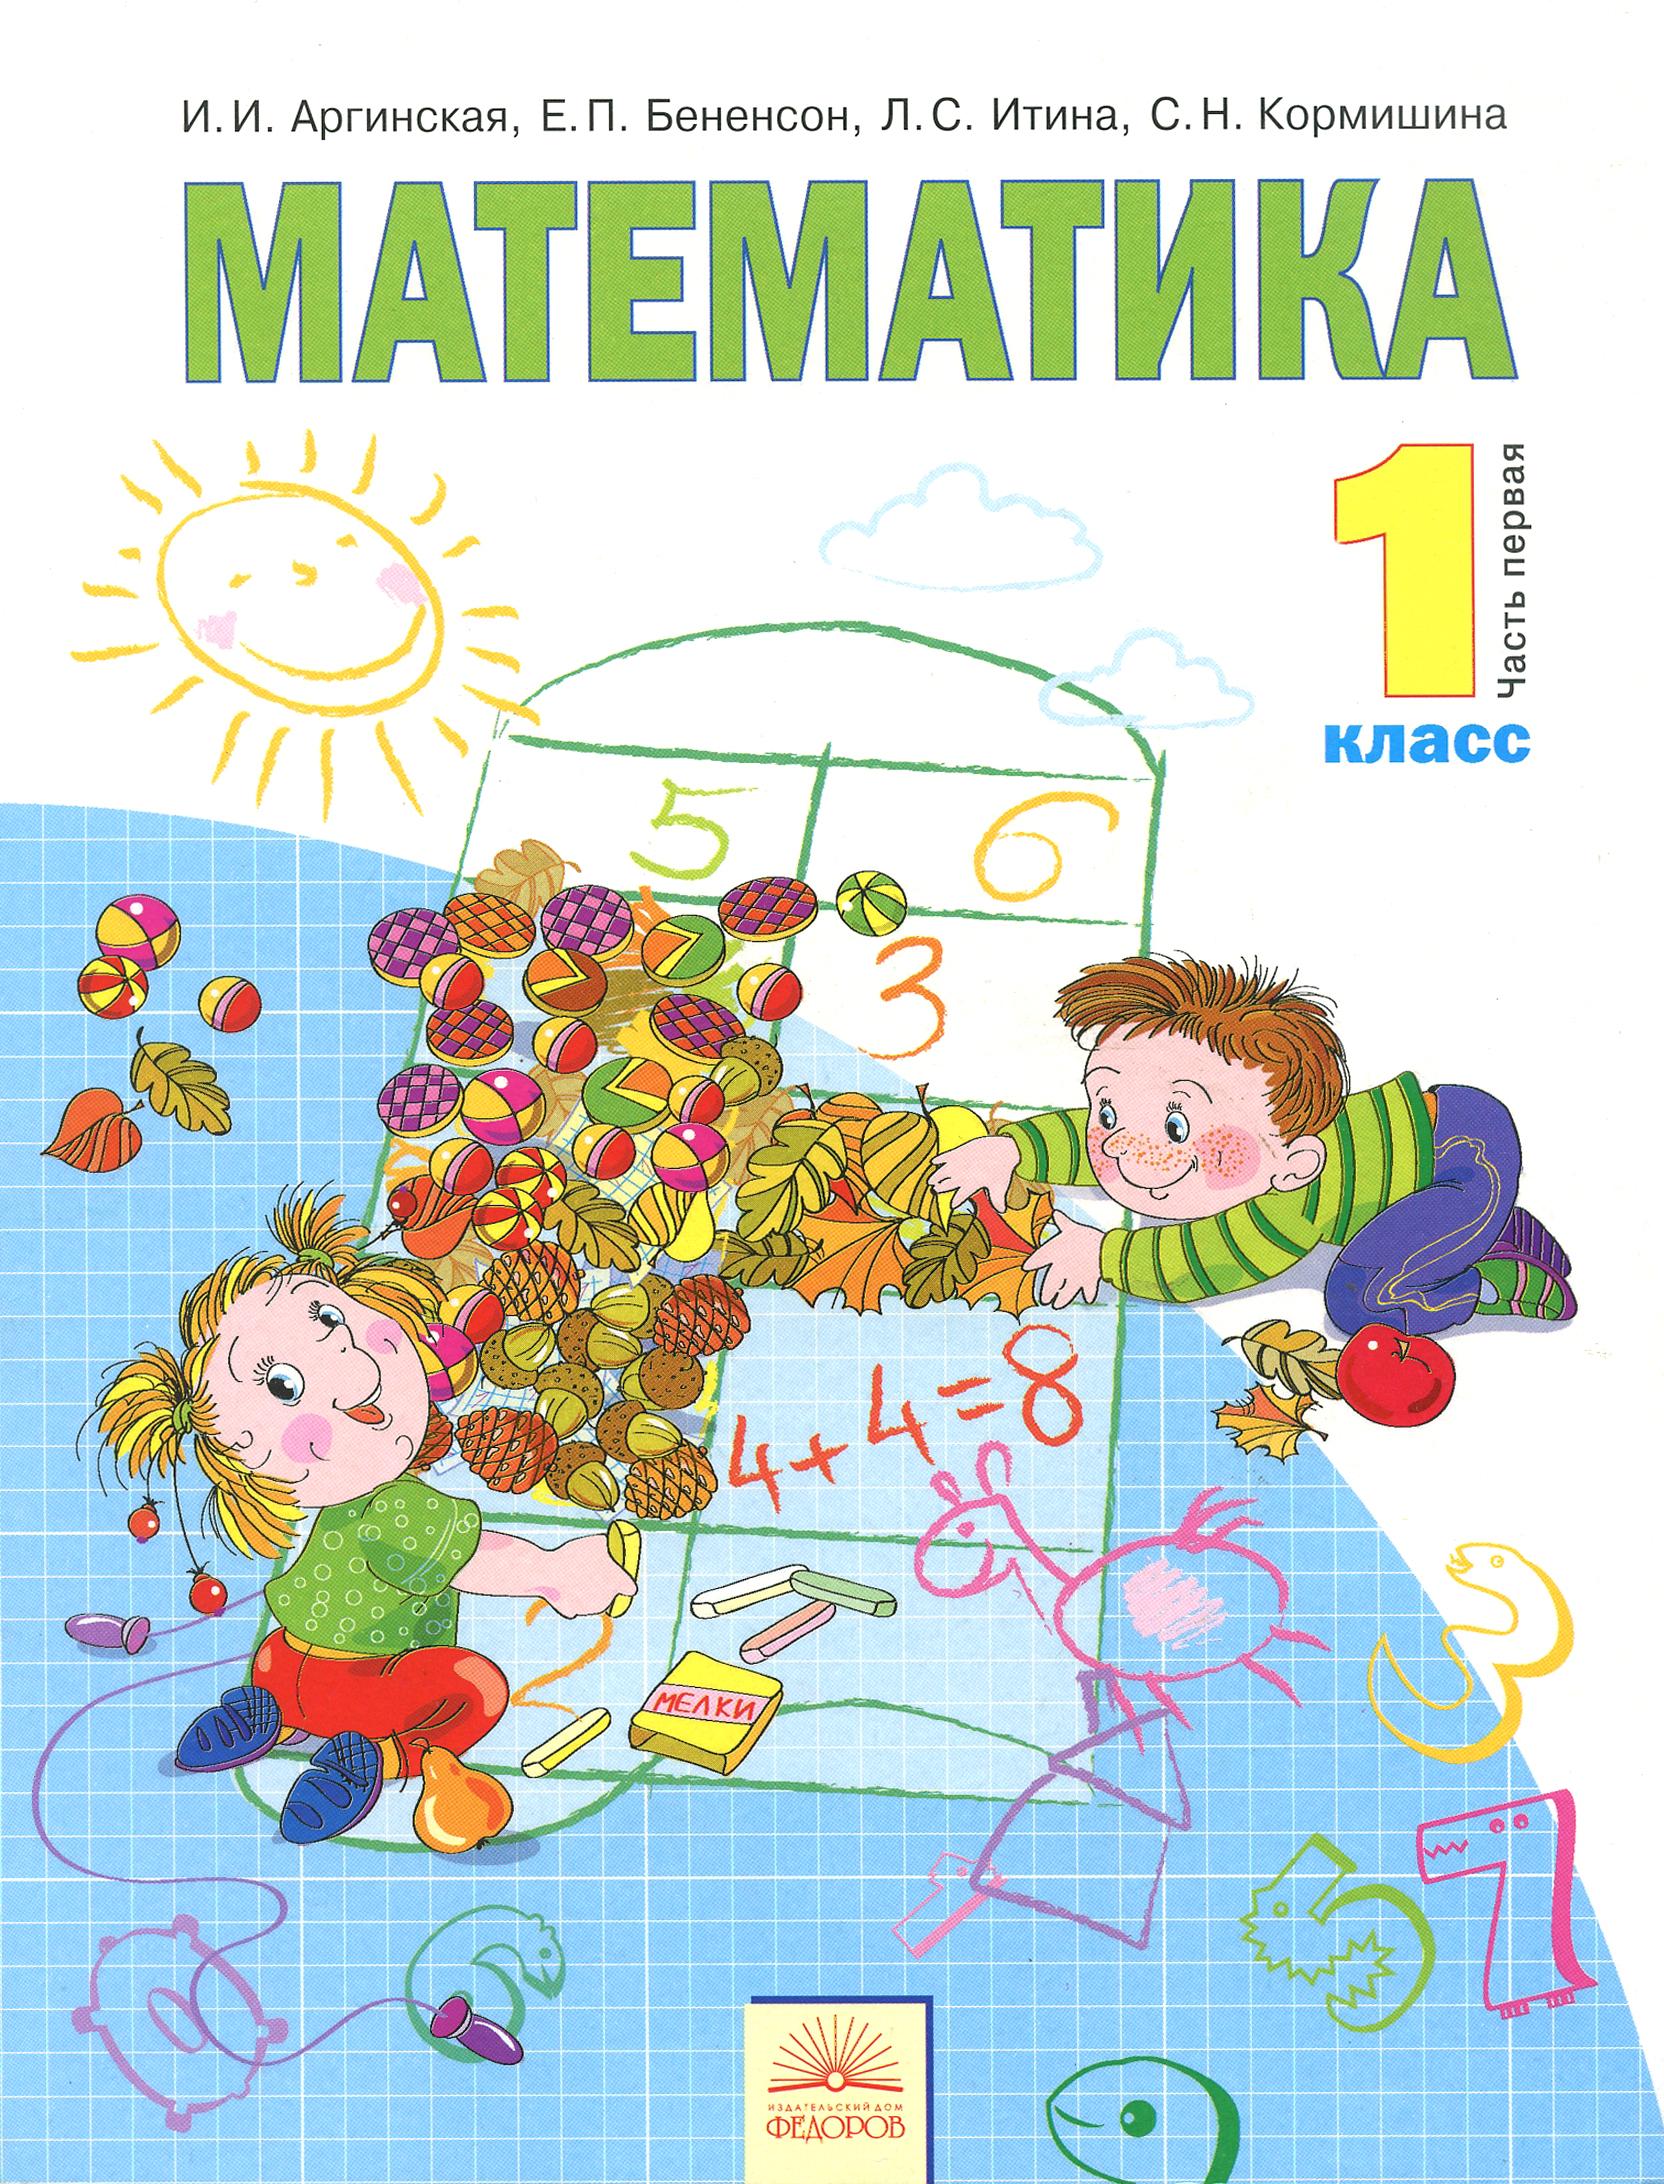 И. И. Аргинская, Е. П. Бененсон, Л. С. Итина, С. Н. Кормишина Математика. 1 класс. В 2-х частях. Часть 1. Учебник е п бененсон л с итина математика 1 класс рабочая тетрадь в 4 частях часть 2